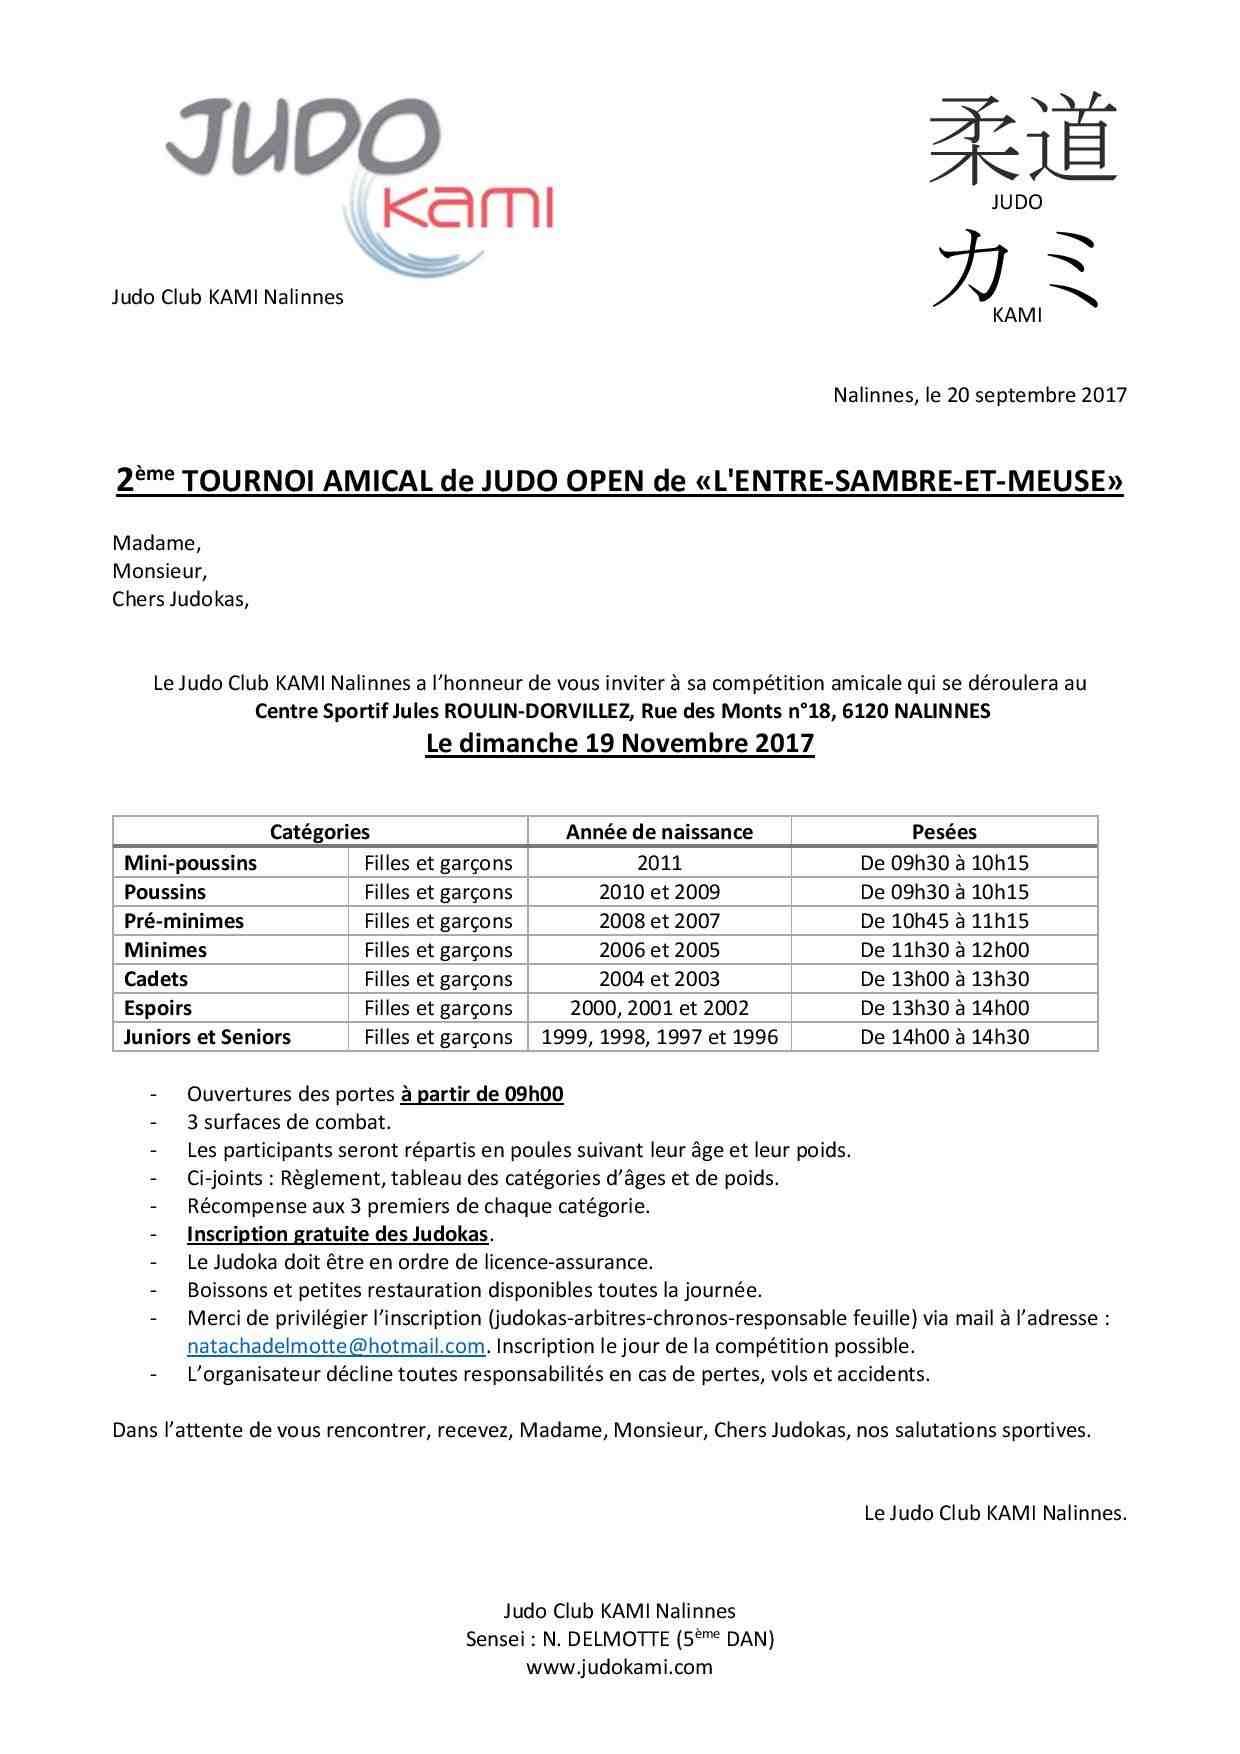 2 èmeTOURNOI DE JUDO OPEN DE L'ENTRE-SAMBRE-ET-MEUSE